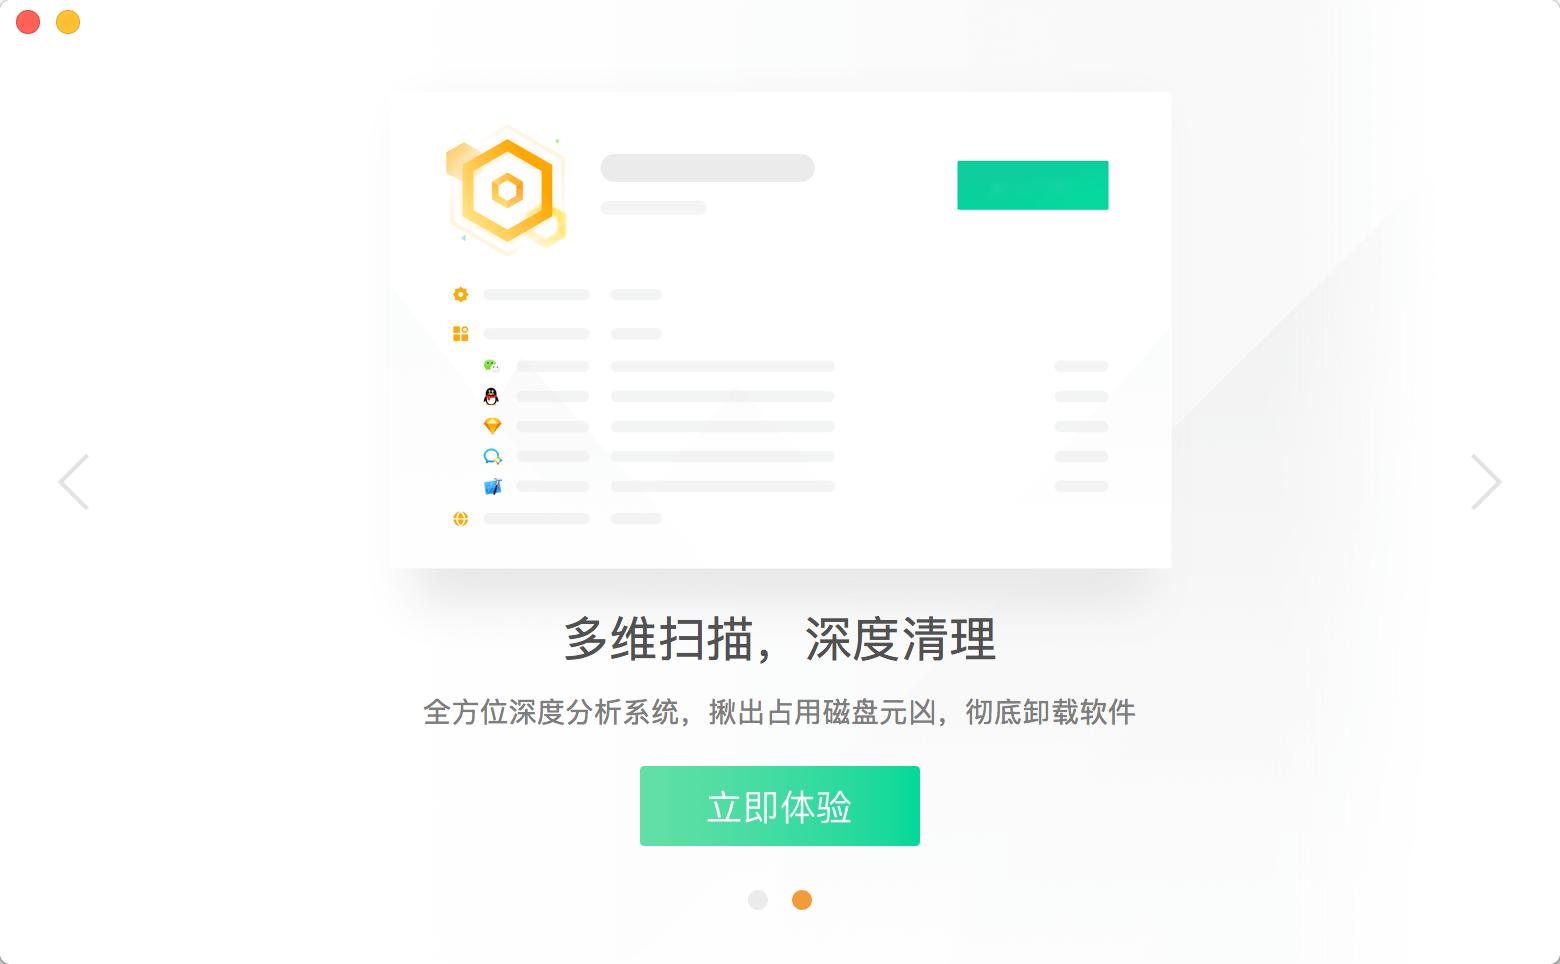 腾讯柠檬清理 5.0.1中文版